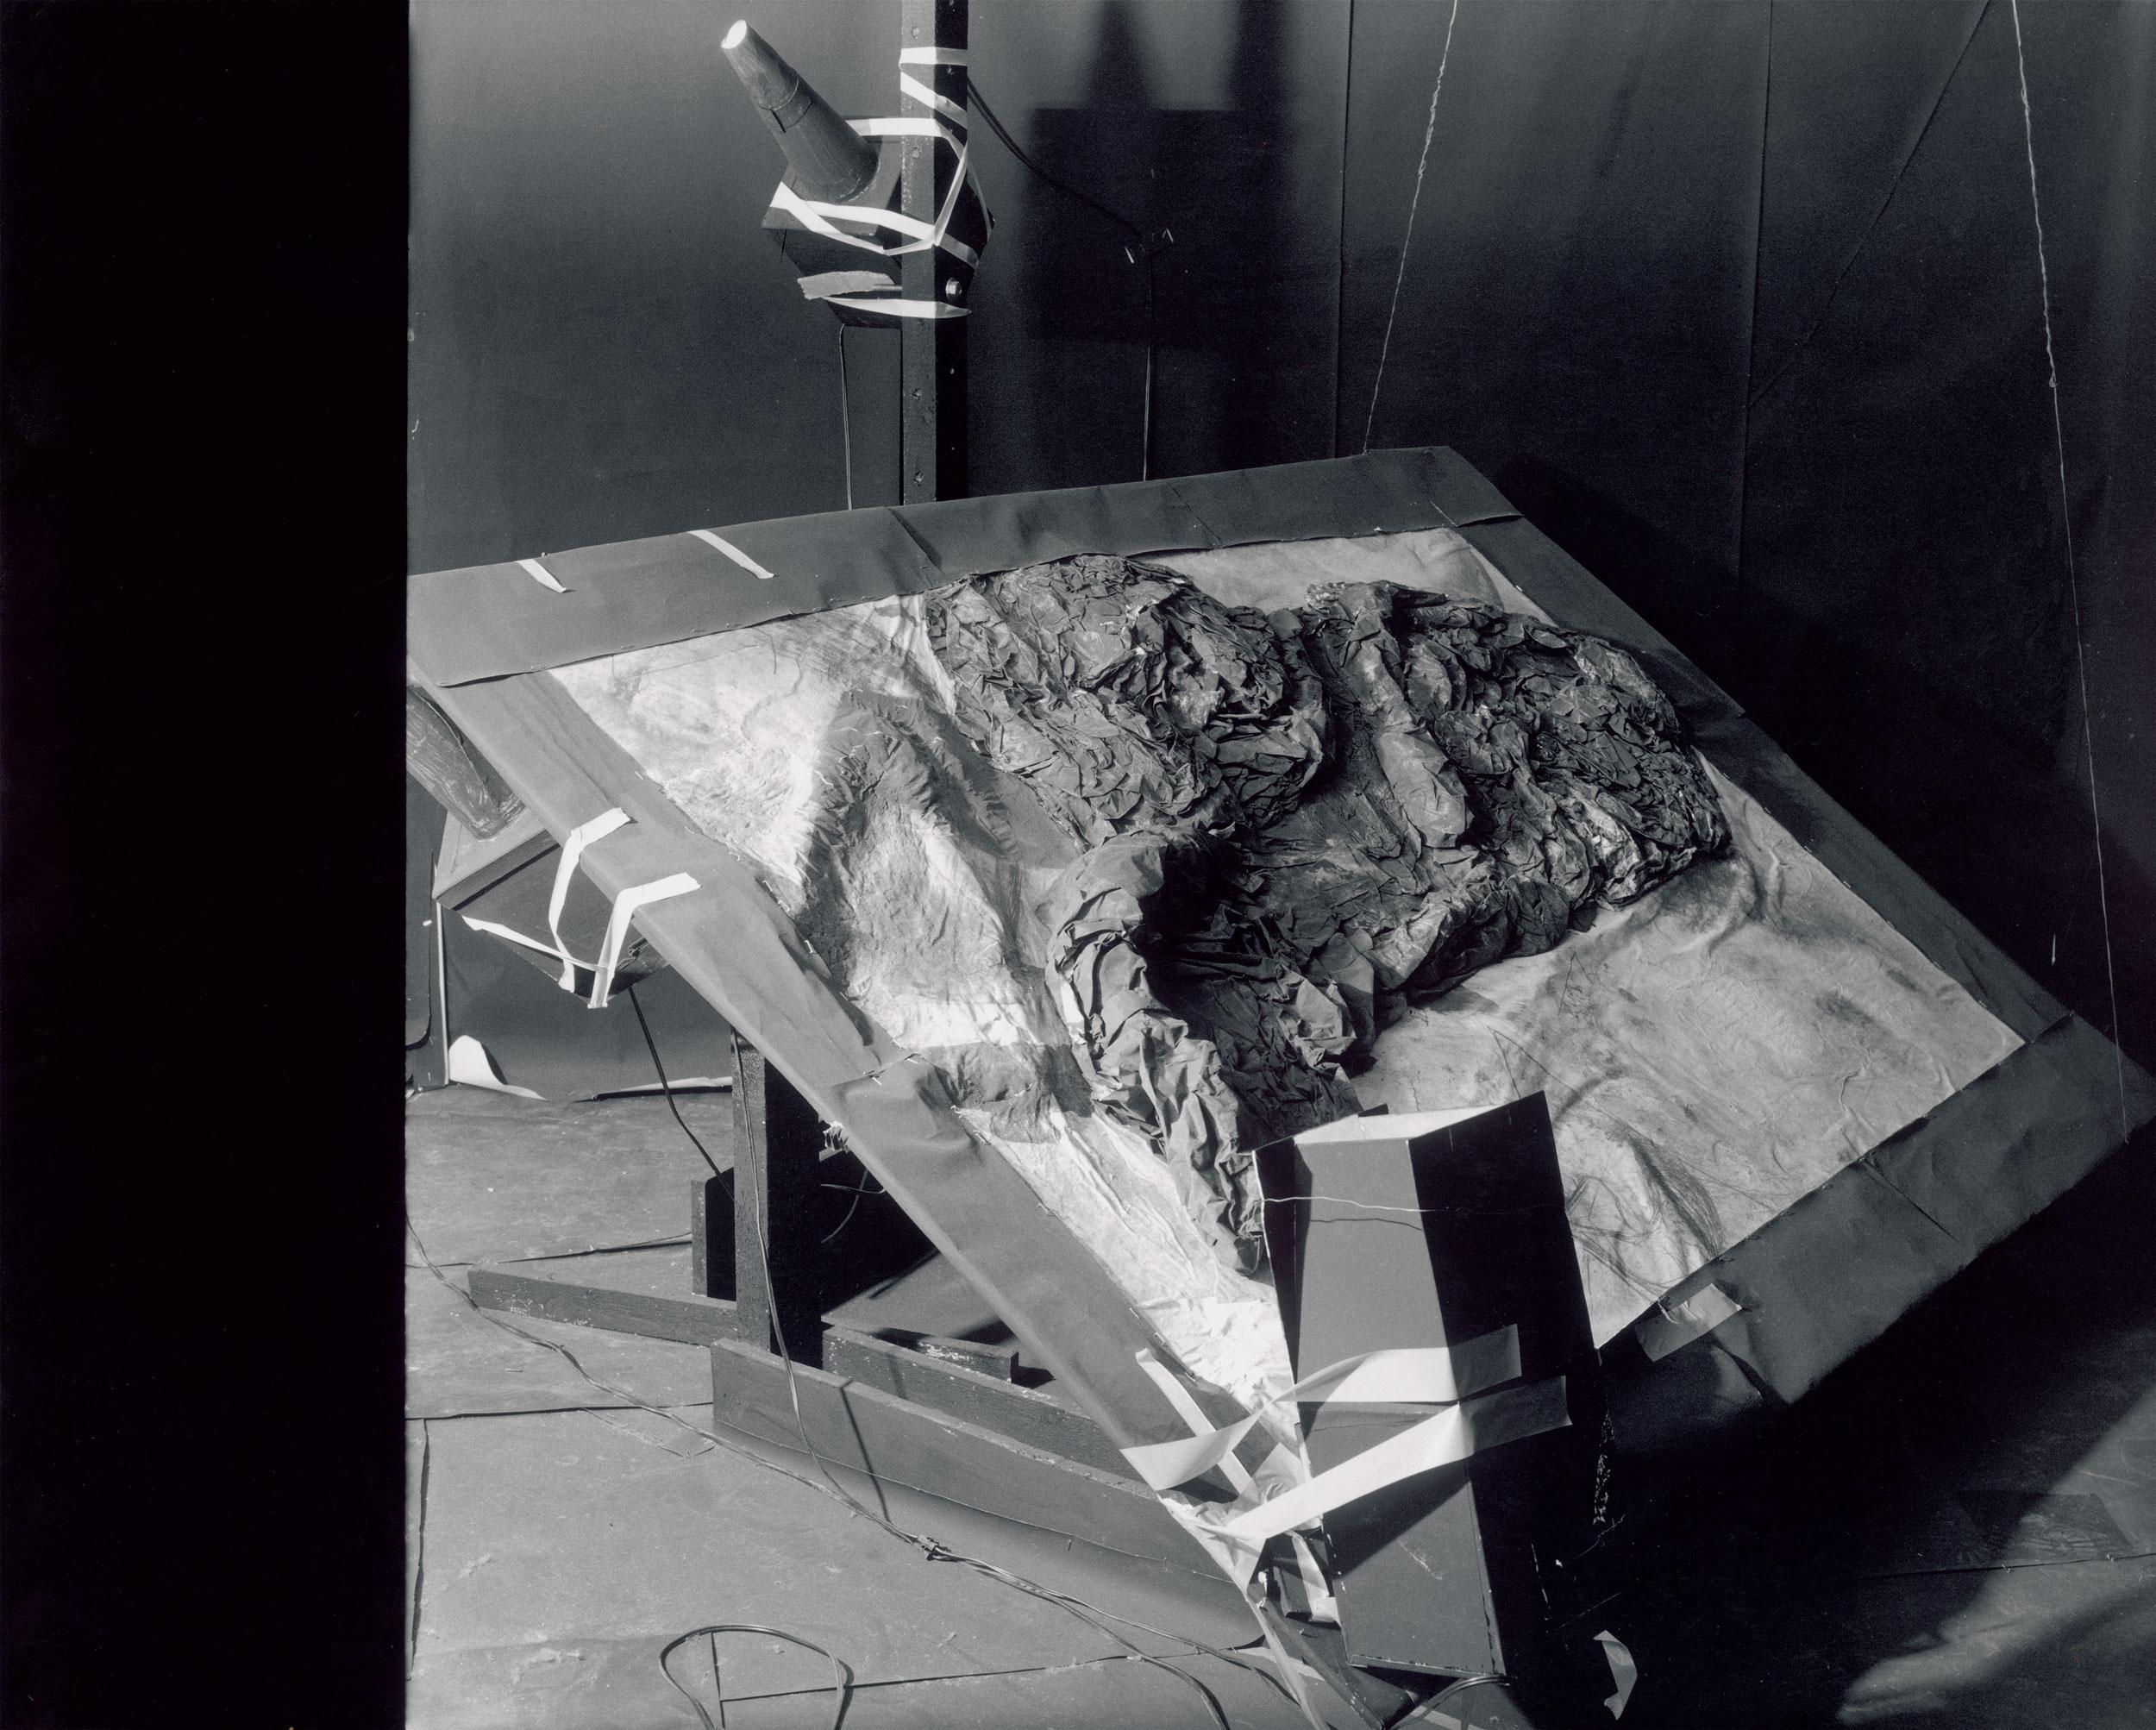 Herwig Steiner (1956L) Theatre of Fading Ideas / Lichtinstallation / (Ausschnitt) / Niederösterreichisches Landesmuseum / Blau-Gelbe Galerie / Wien 1991 Sammlung Niederösterreichisches Landesmuseum. Foto: Walter Ebenhofer